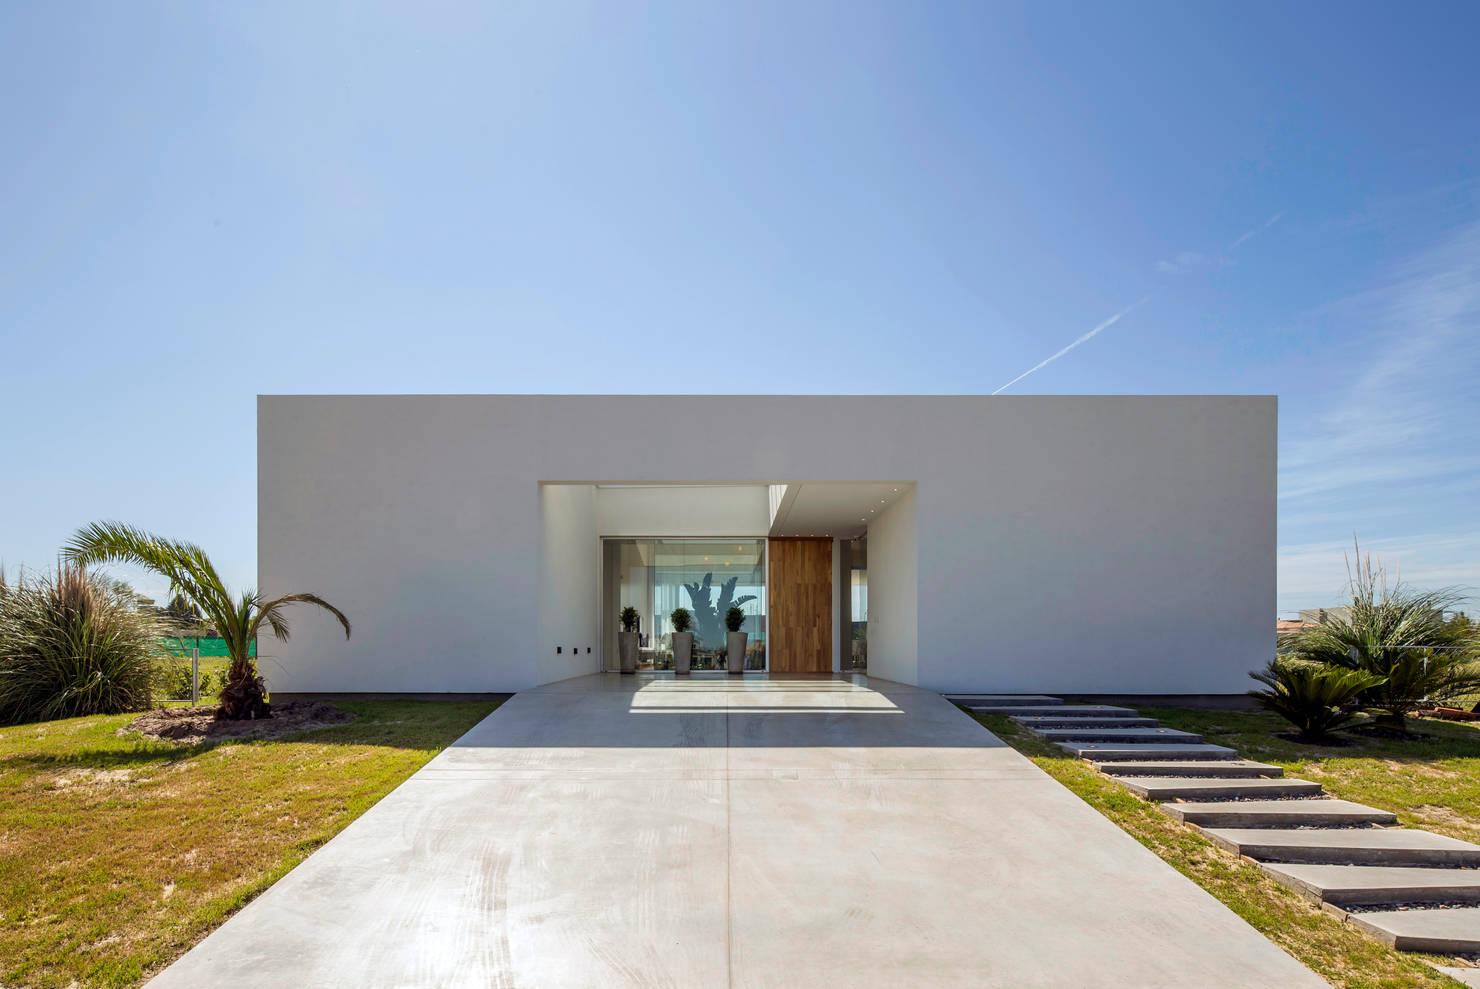 Com Piscina e Decoração Moderna: Essa Casa É Incrível!